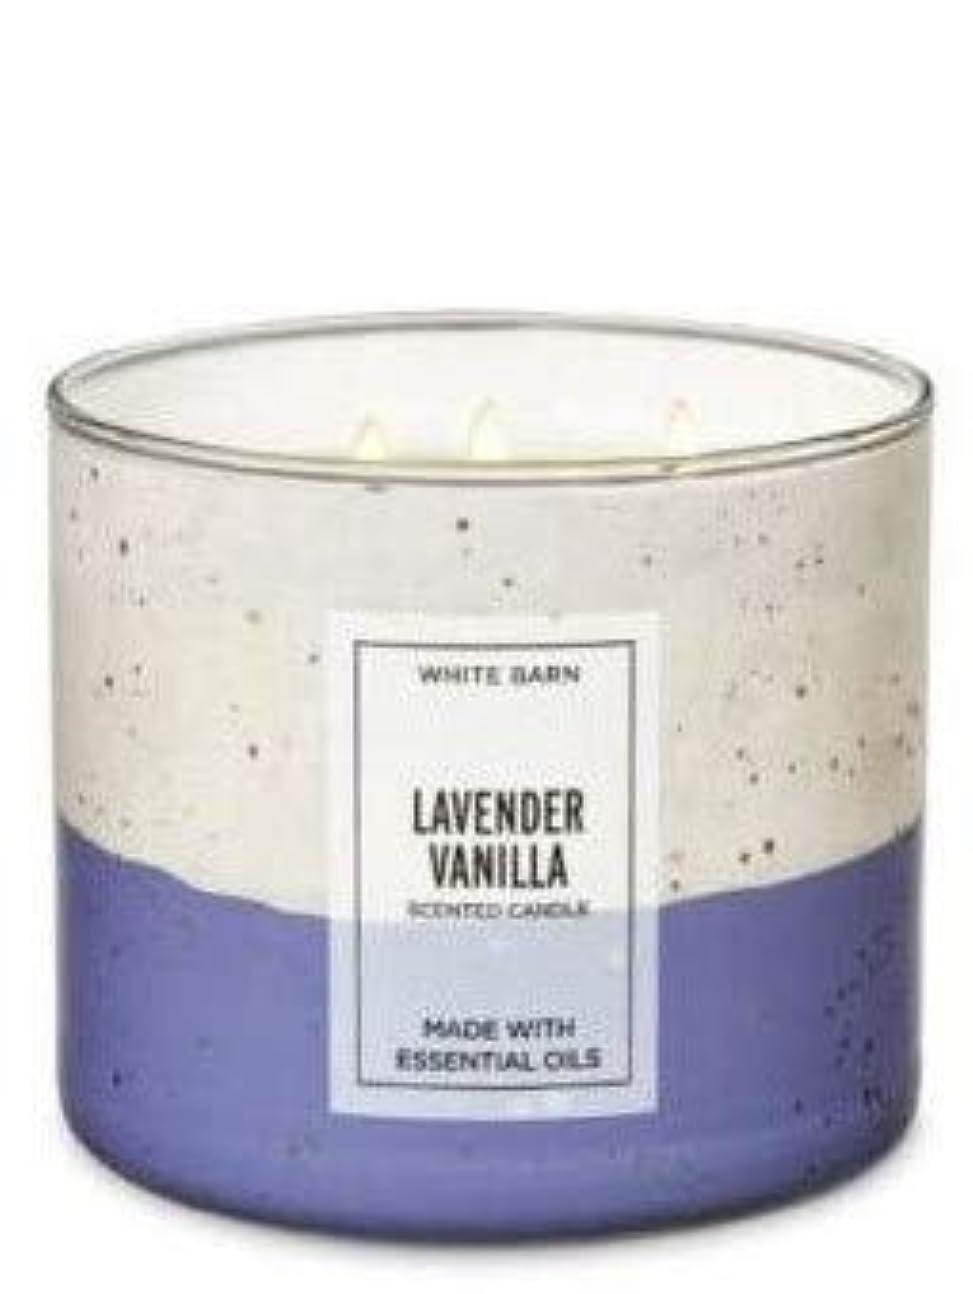 ゲートウェイスチュアート島薬用【Bath&Body Works/バス&ボディワークス】 アロマキャンドル ラベンダーバニラ 3-Wick Scented Candle Lavender Vanilla 14.5oz/411g [並行輸入品]